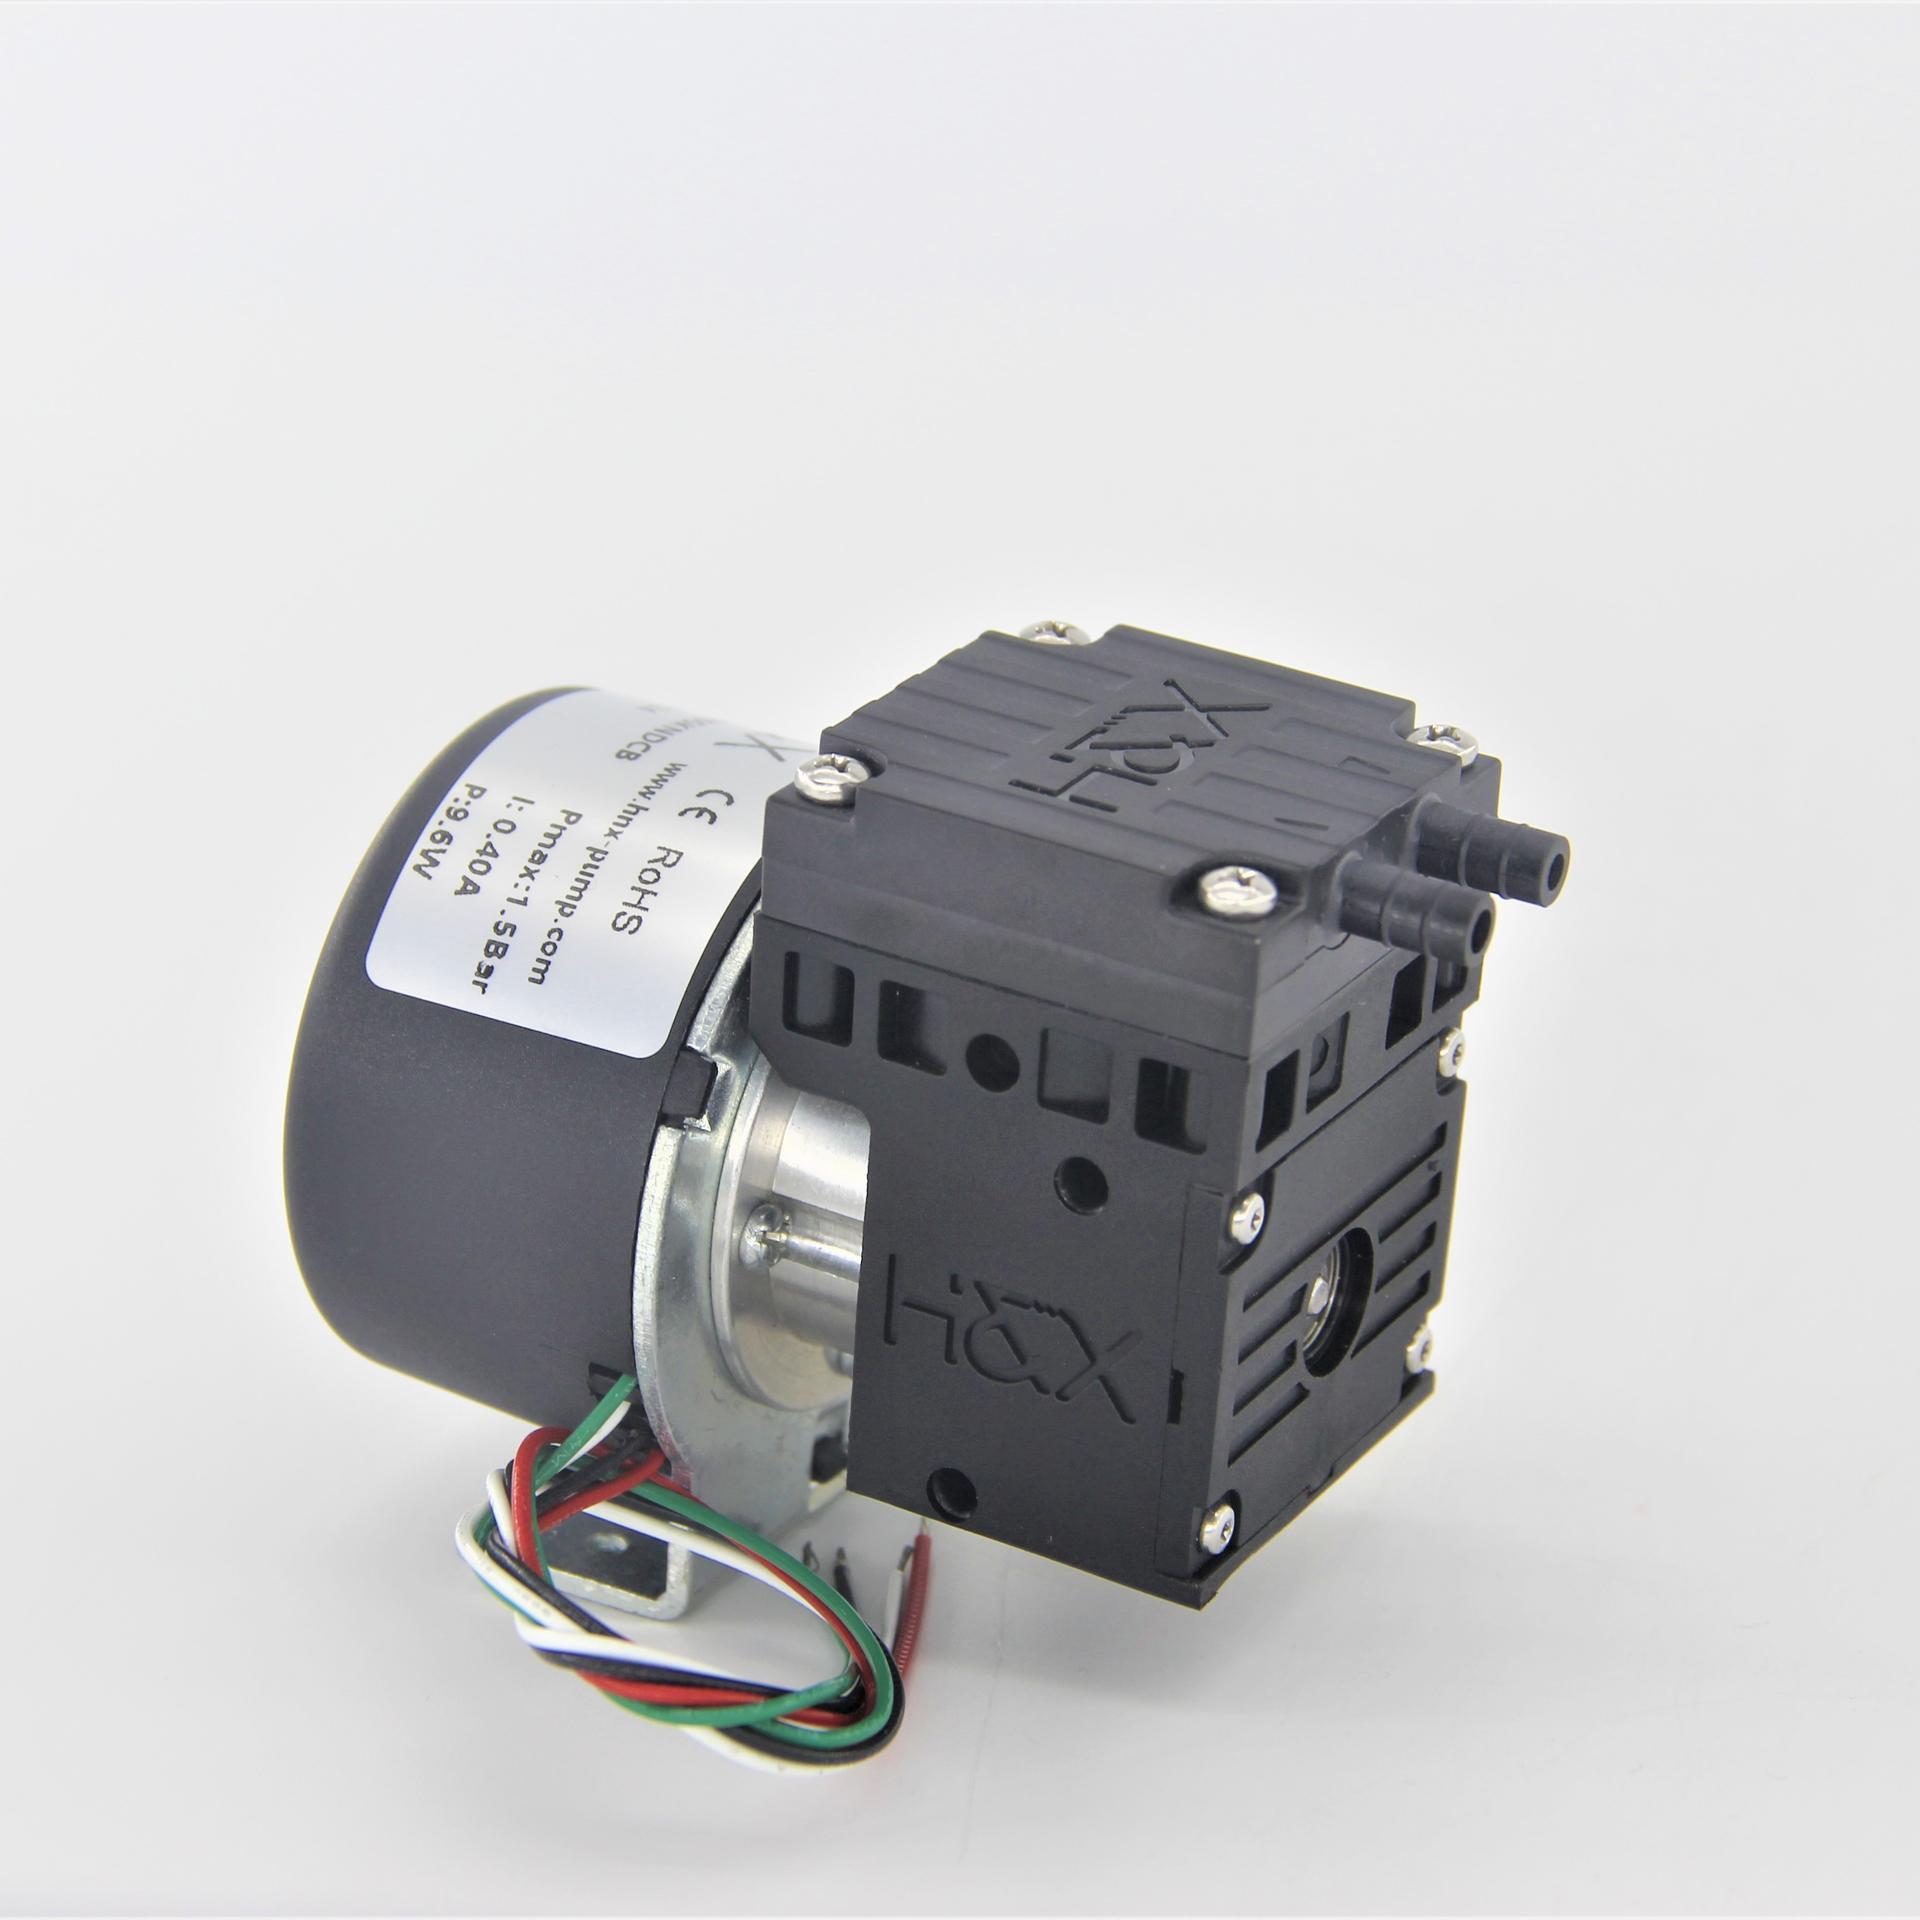 HX05-2.jpg